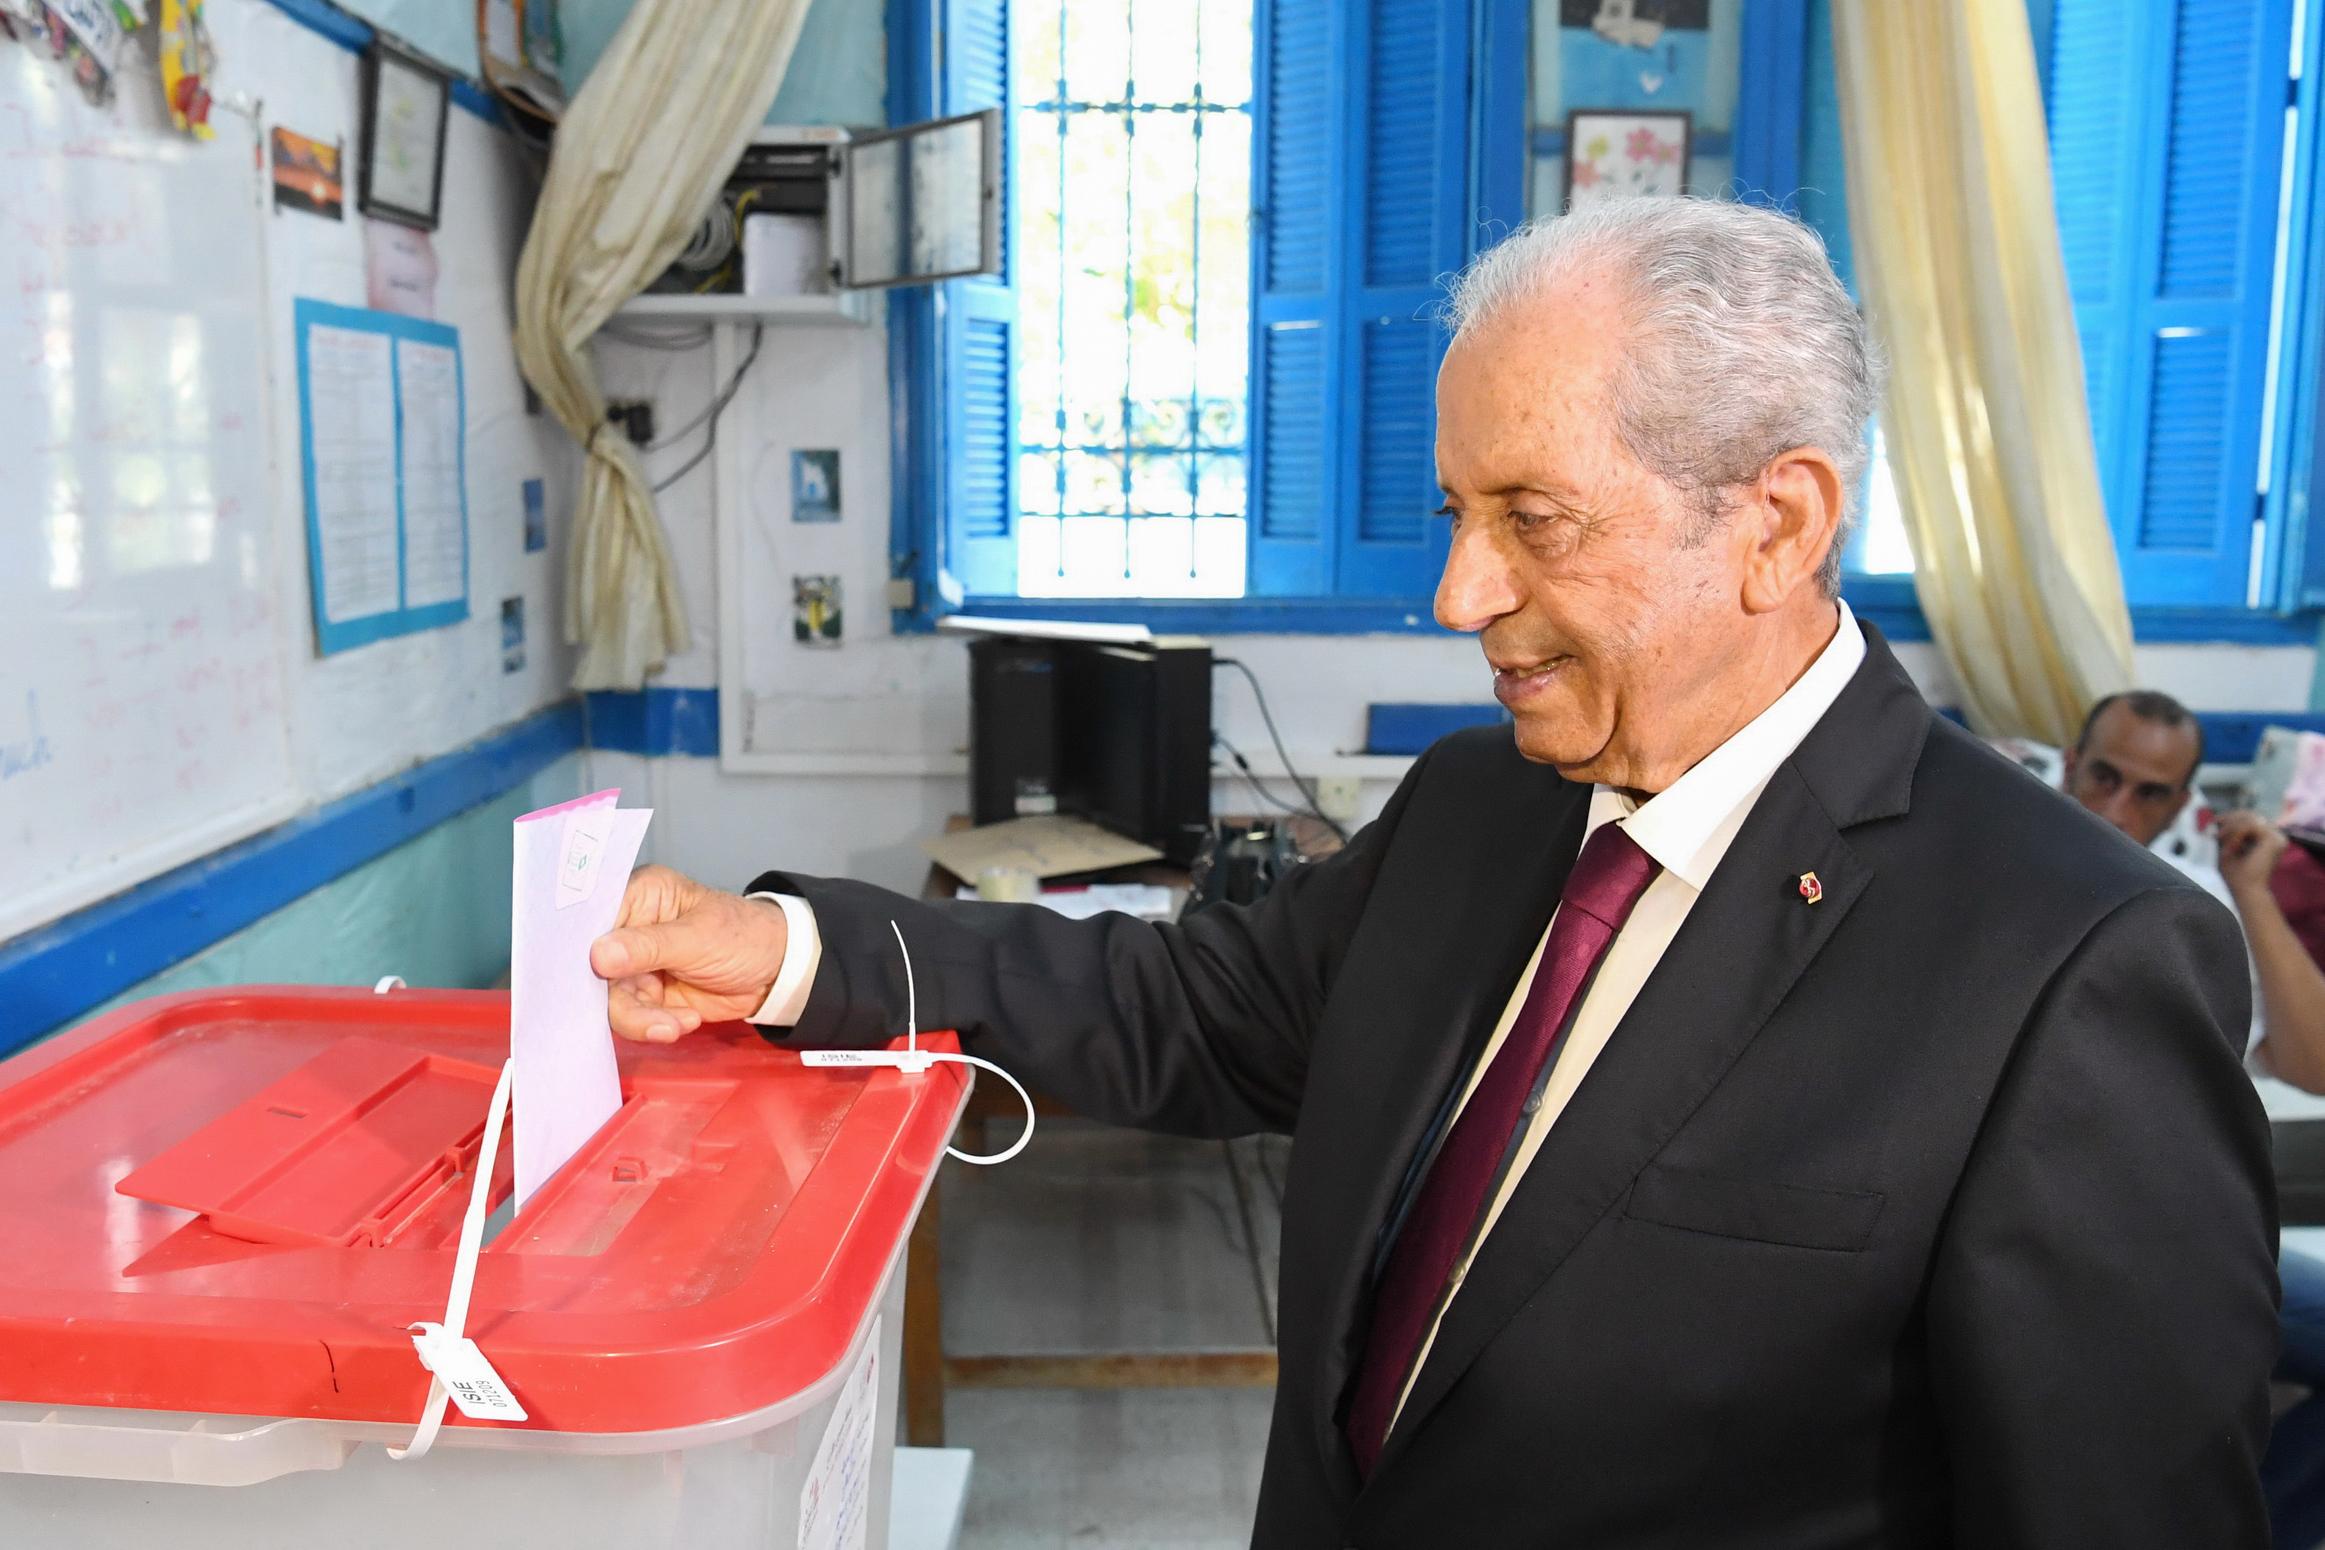 رئيس تونس المؤقت محمد الناصر يدلي بصوته في الانتخابات